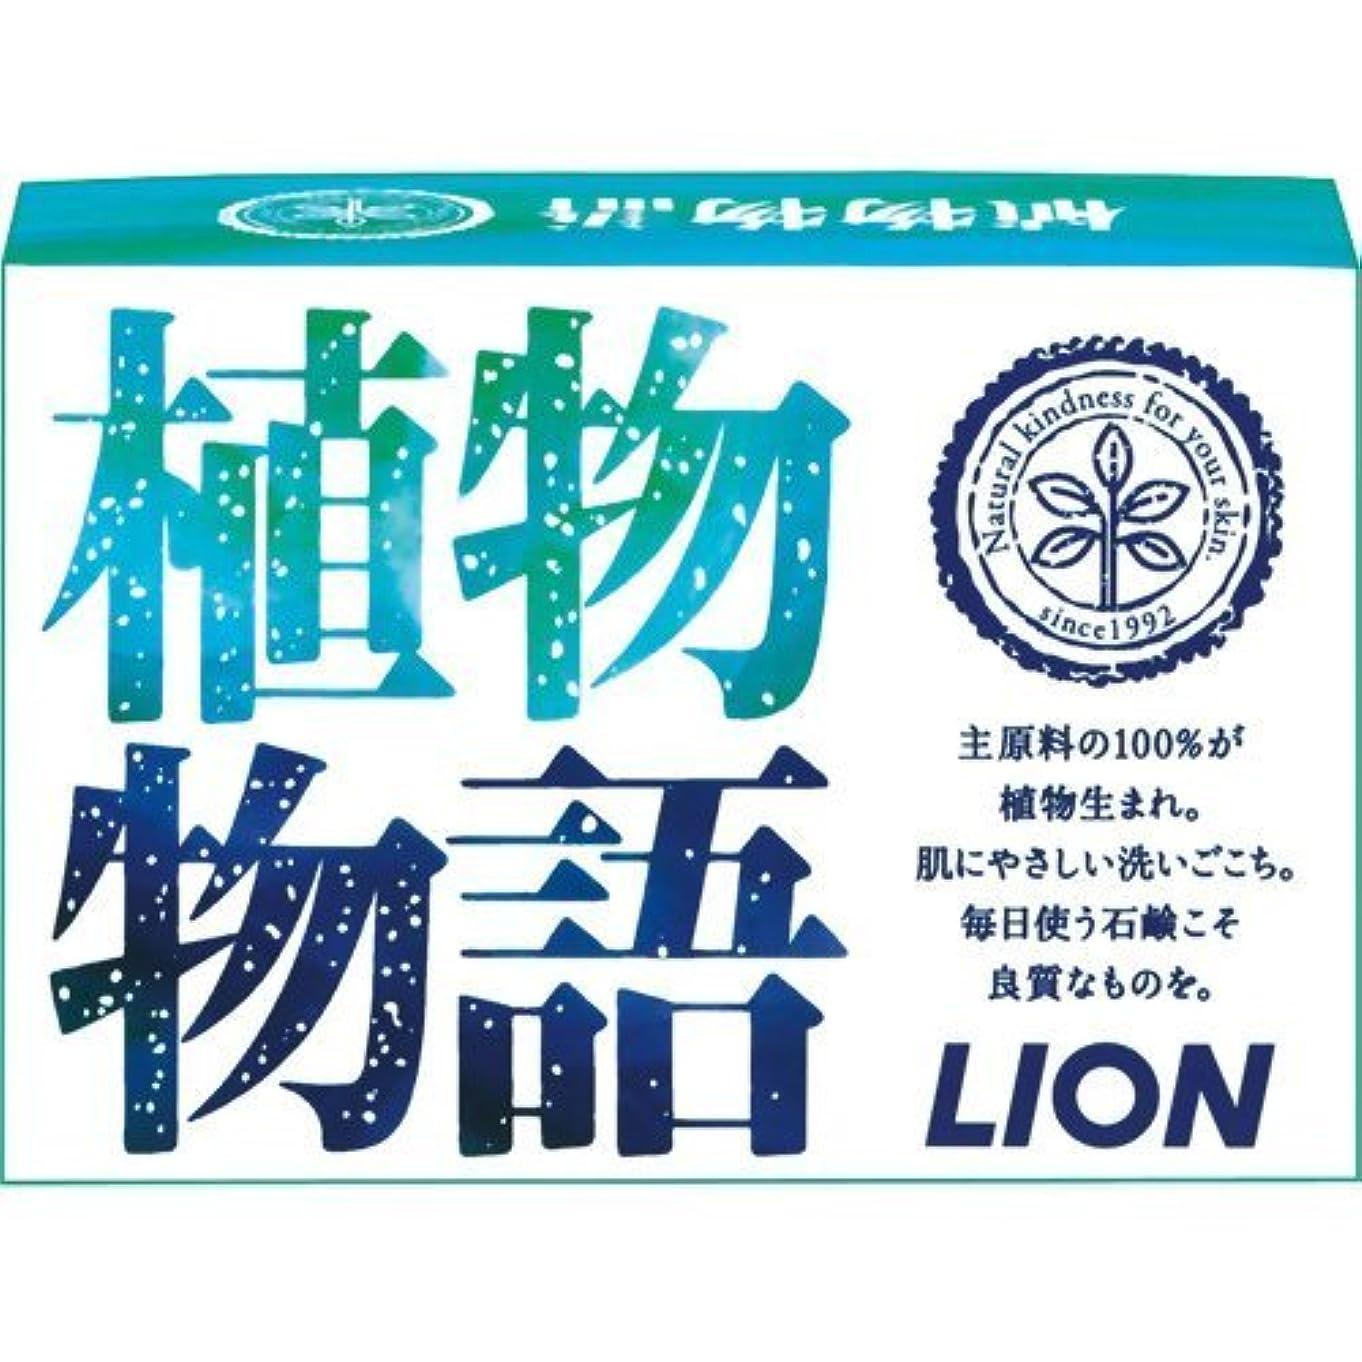 損なう余裕がある潜むライオン 植物物語 化粧石鹸  1個